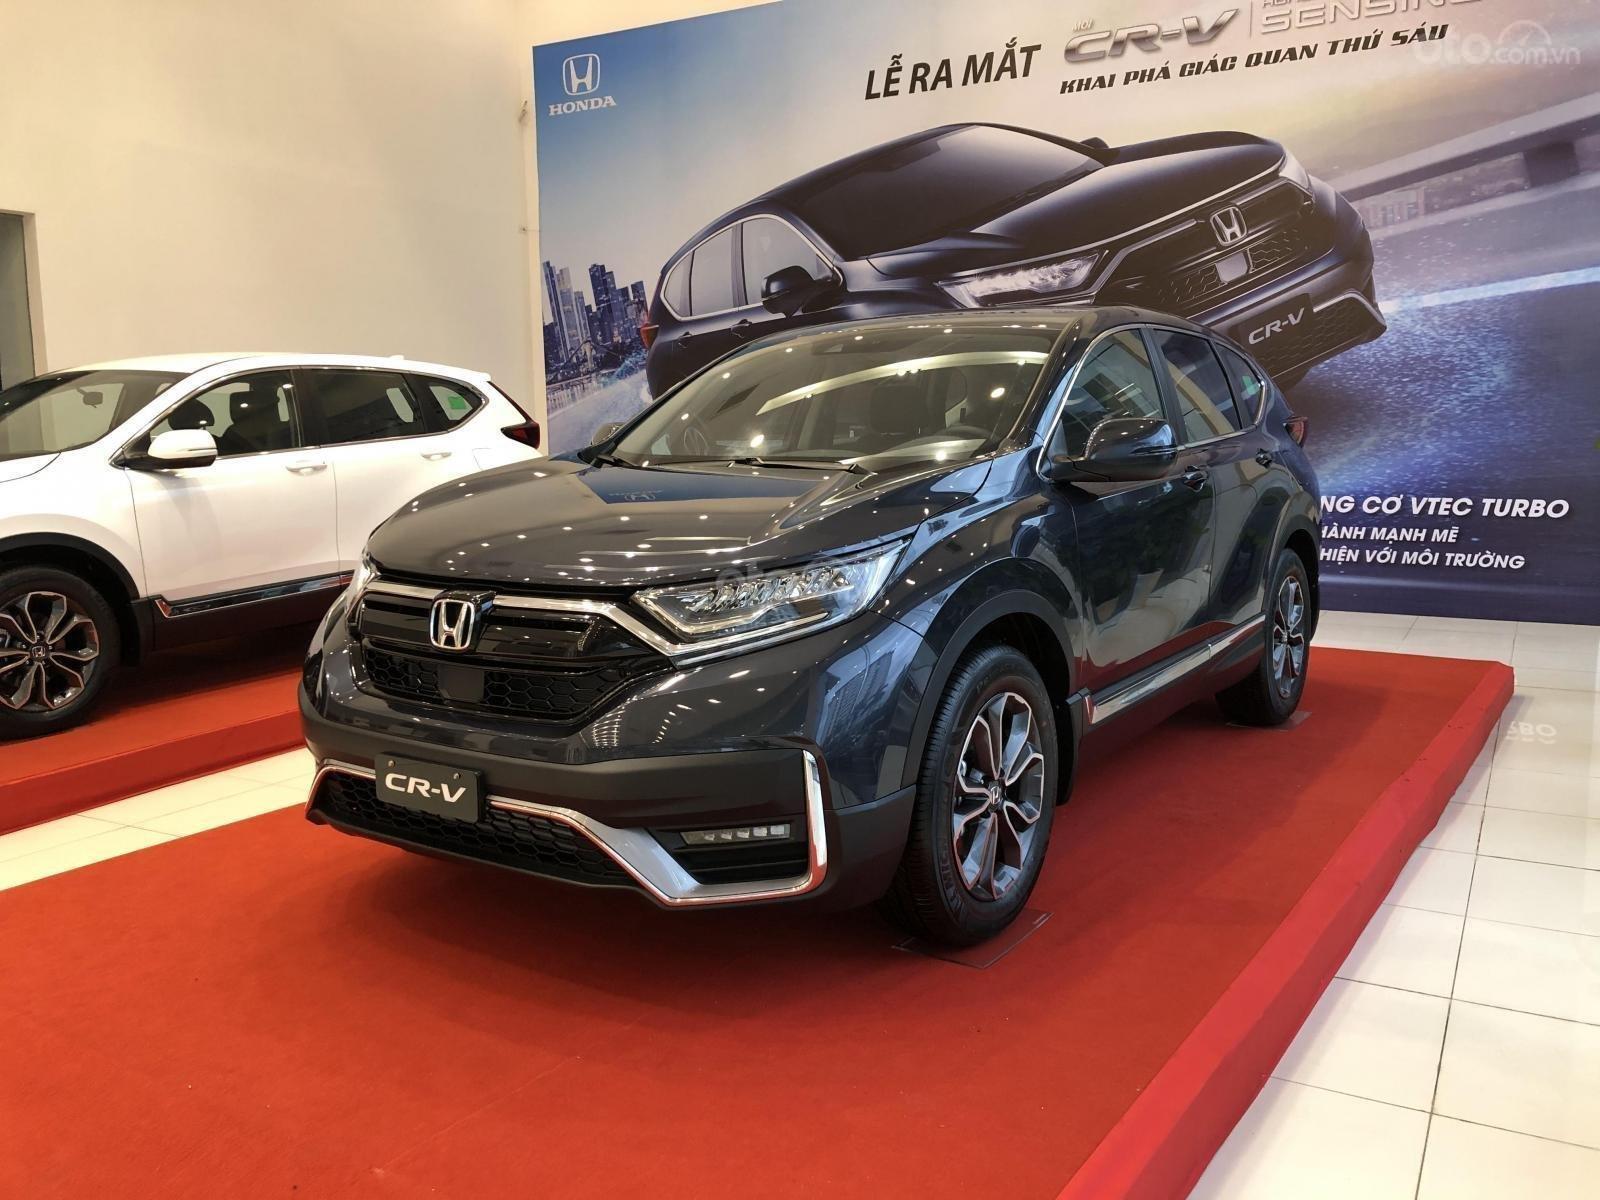 Giá xe Honda CRV 2021 - Ưu đãi dịp lễ 30/4 tiền mặt kèm phụ kiện khủng - sẵn xe giao ngay (2)